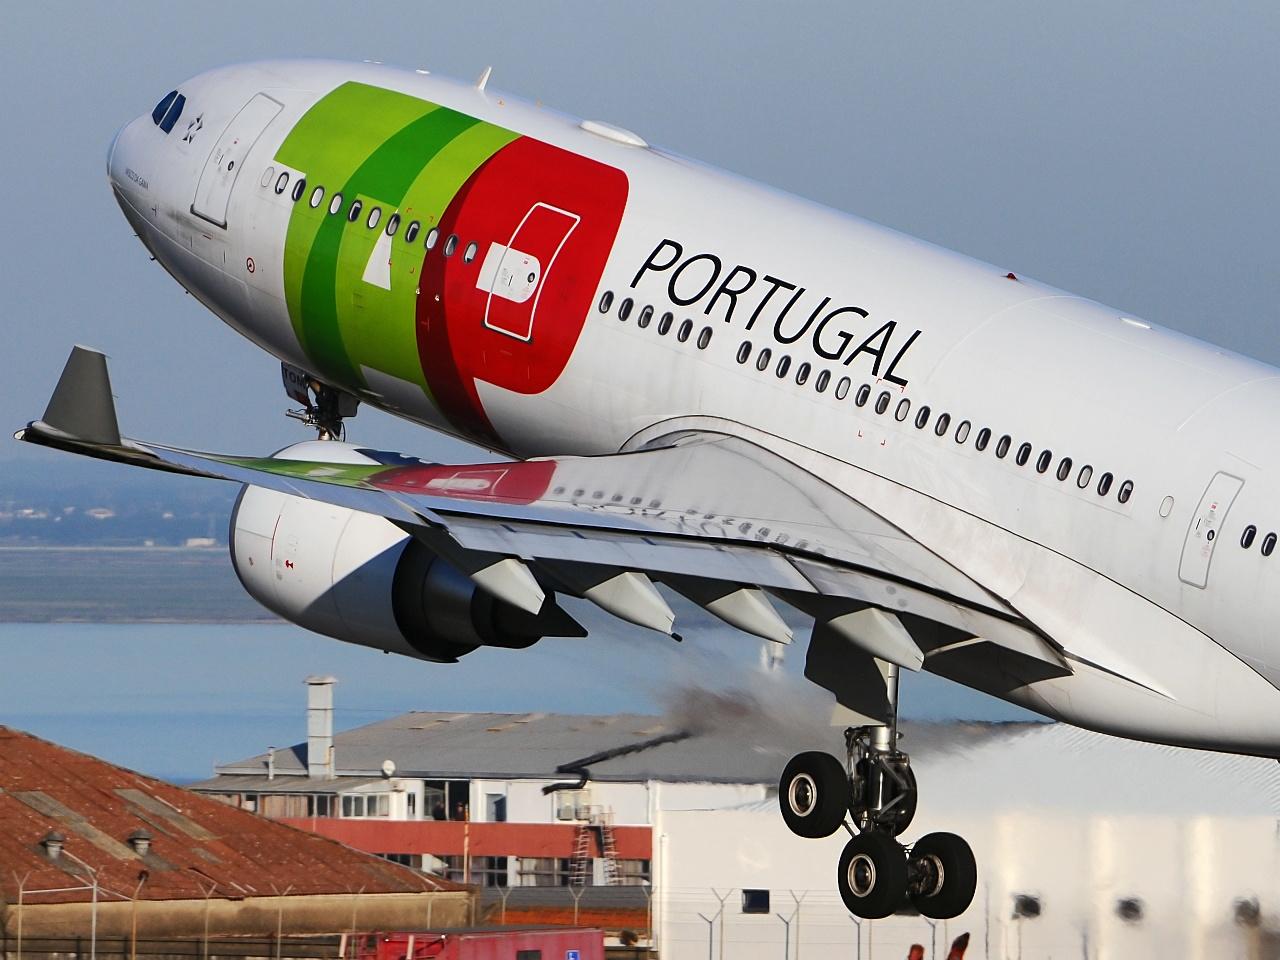 Compania TAP Portugal oferă 15% reducere pentru toate destinațiile, cu plecare din București